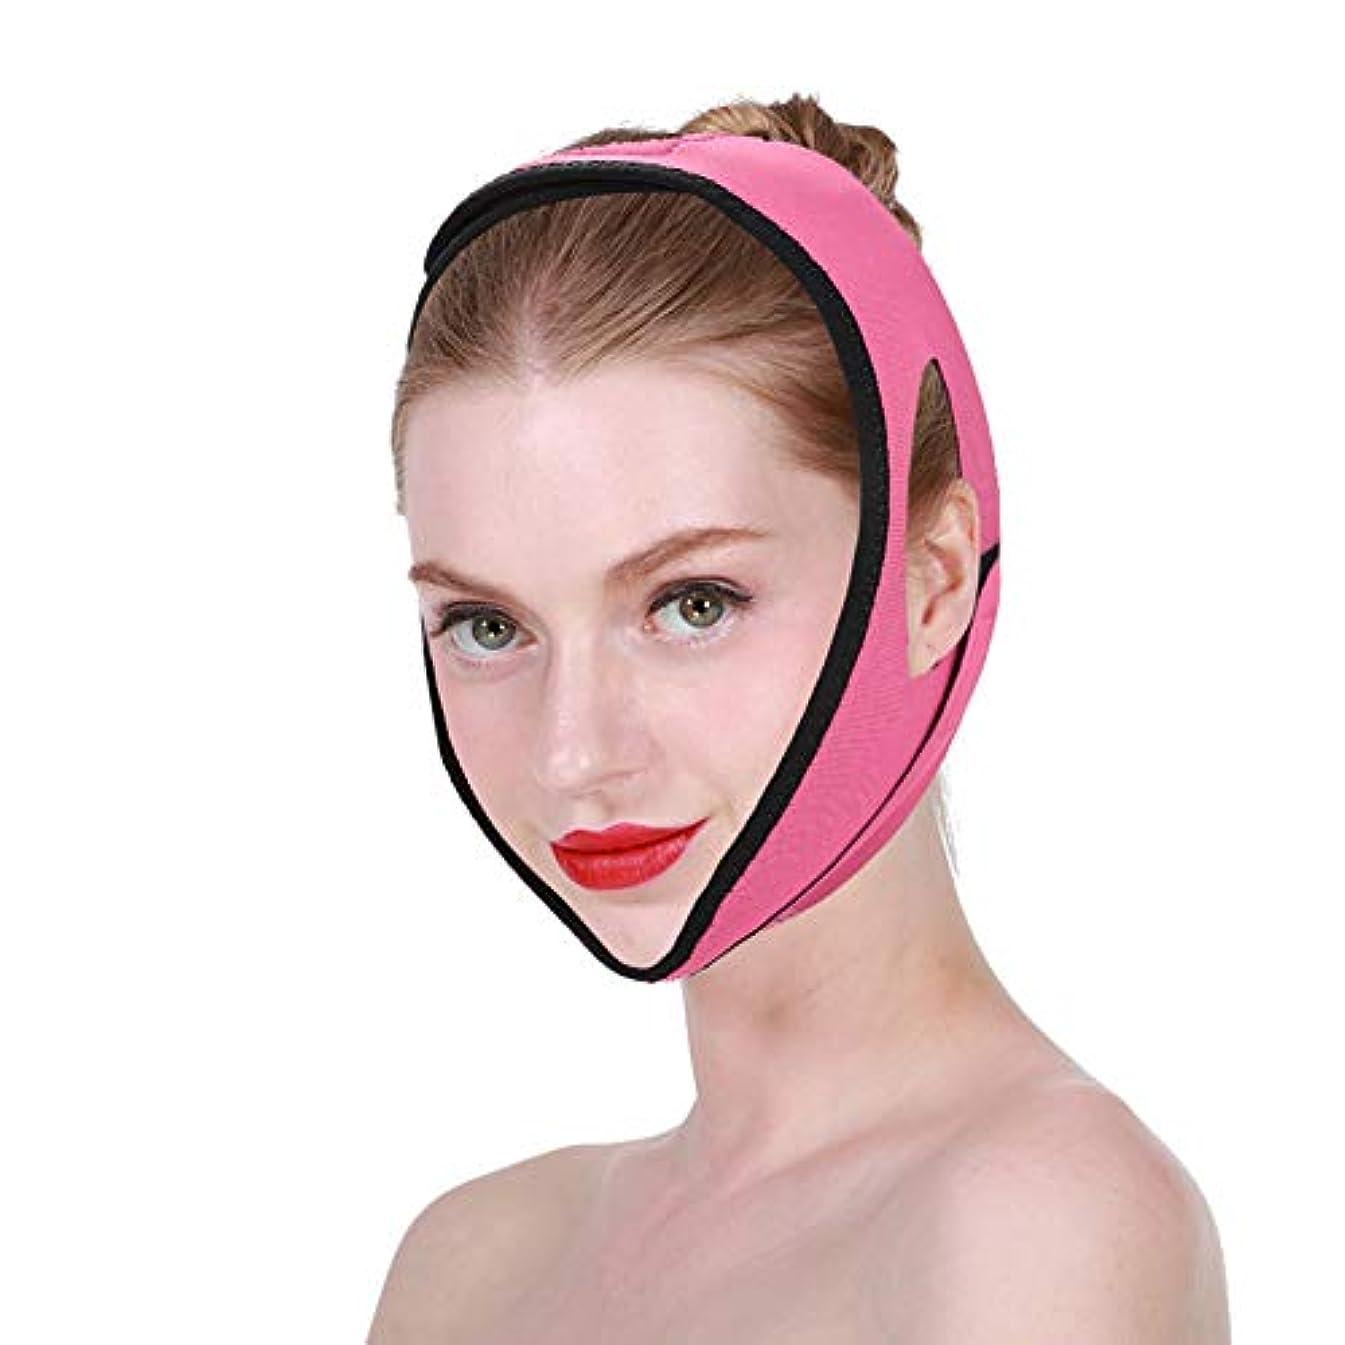 ハンドブックスリップクロールフェイシャルスリミングマスク、フェイスベルト 顔の包帯スリミングダブルチンVラインとフェイシャルケアファーミングスキン超薄型 クラインベルト (Red)